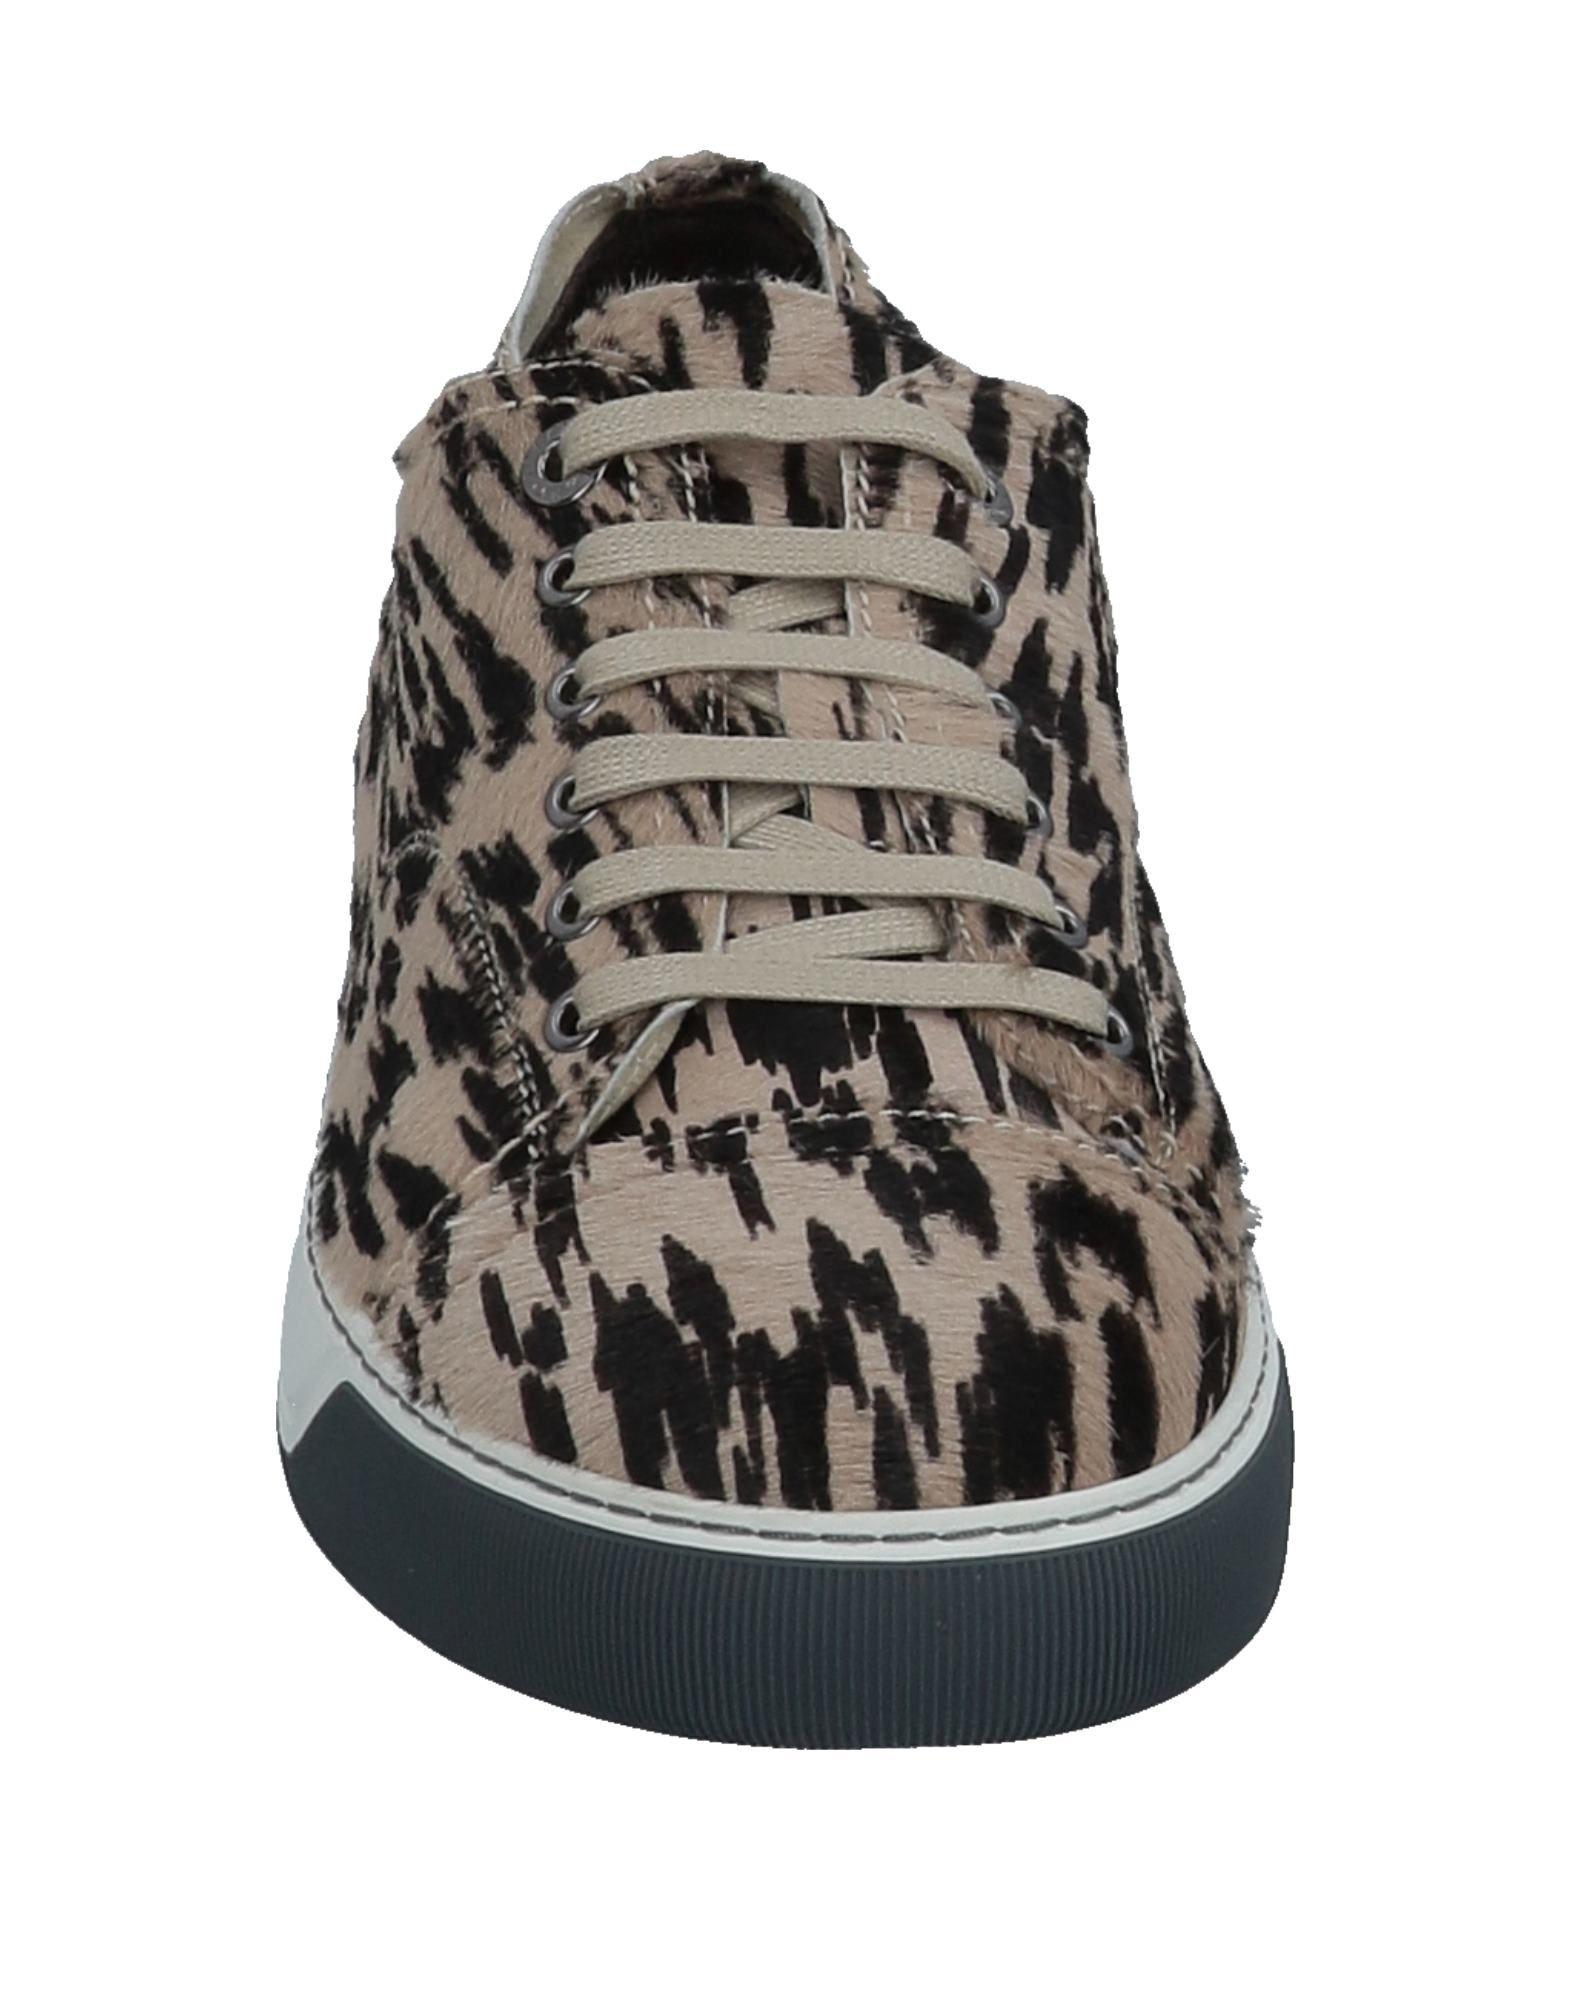 Lanvin Sneakers Sneakers Lanvin Herren  11514282TF Gute Qualität beliebte Schuhe 8388d1